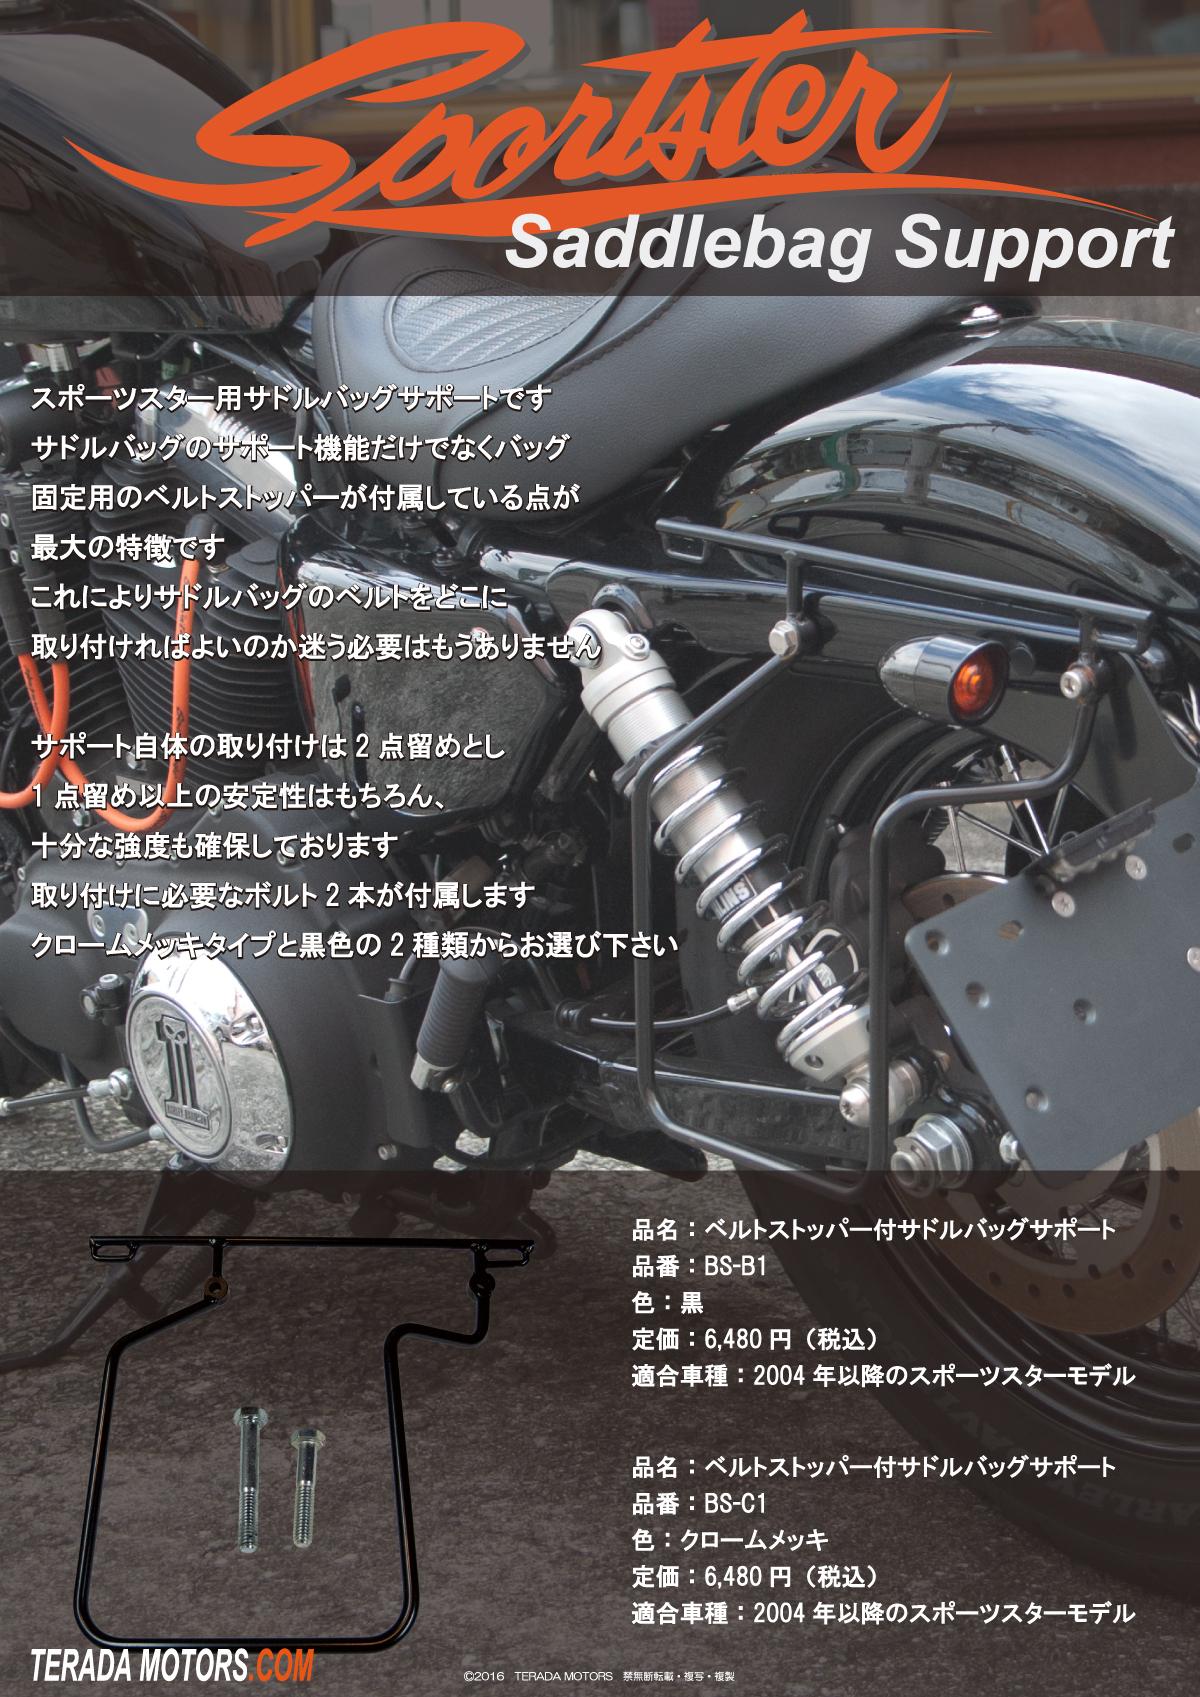 寺田モータースサドルバッグサポート